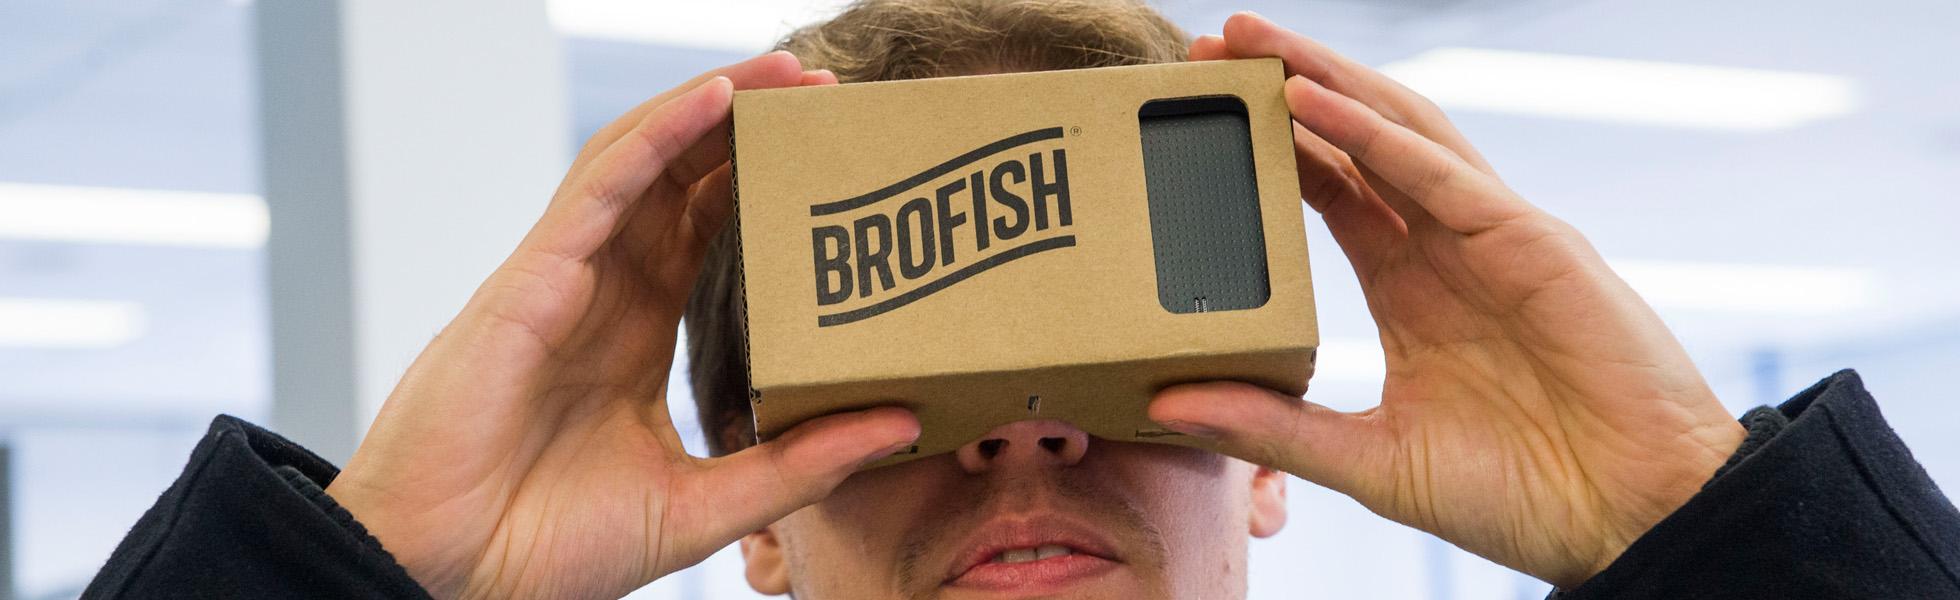 deplekkenmakers VRbril